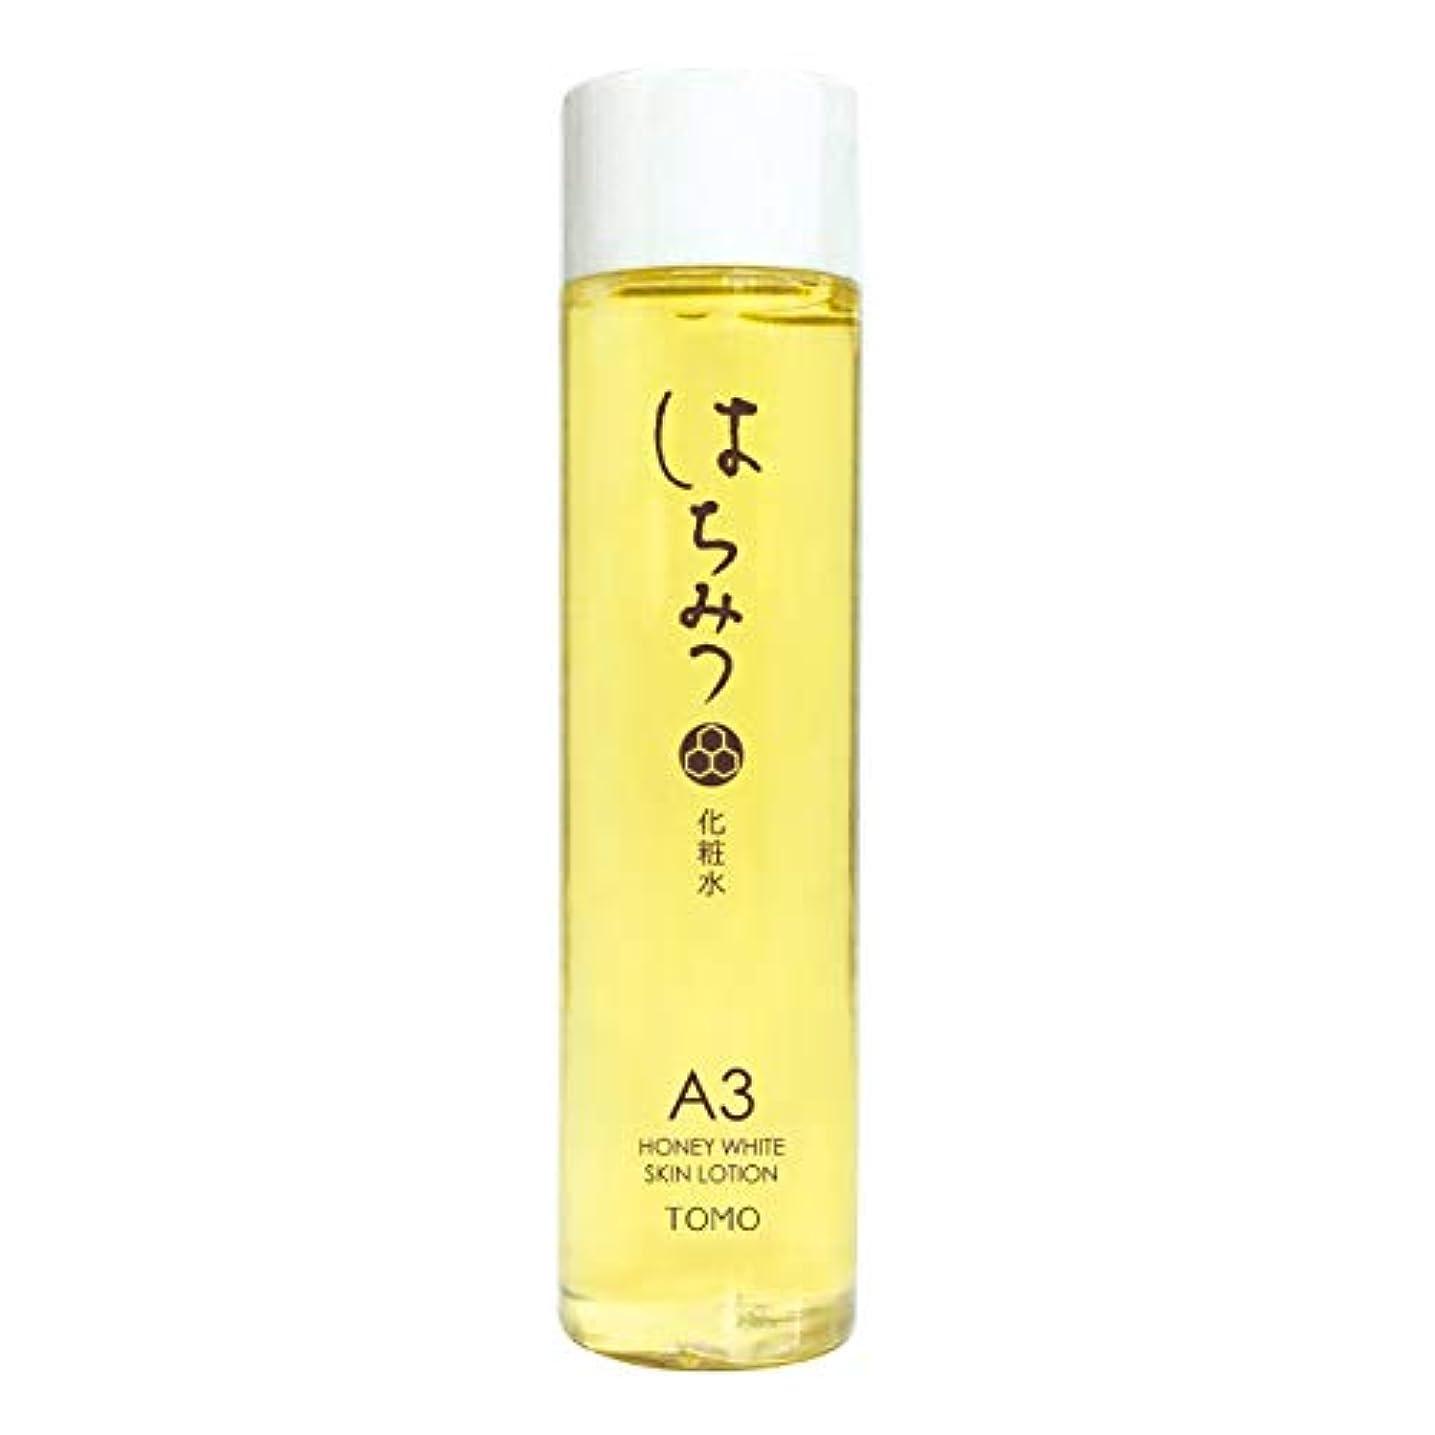 節約分布柔らかい低刺激 美容成分たっぷり配合 さっぱりタイプのはちみつ化粧水 ハニーホワイトスキンローションA3 120ml